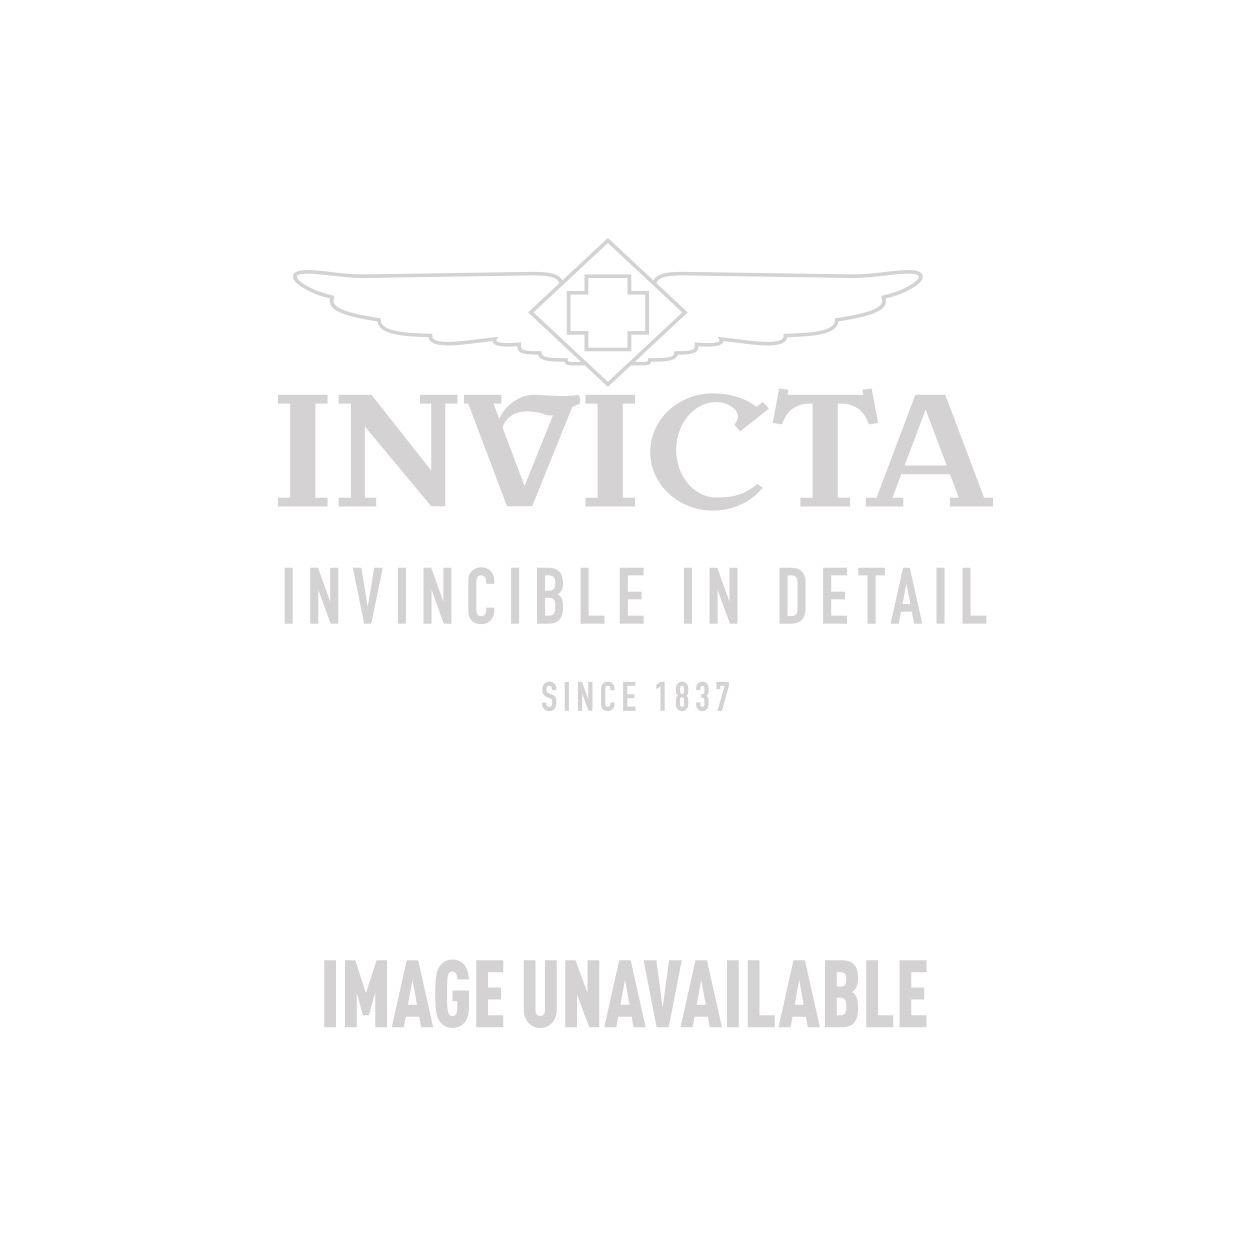 Invicta Model 27289